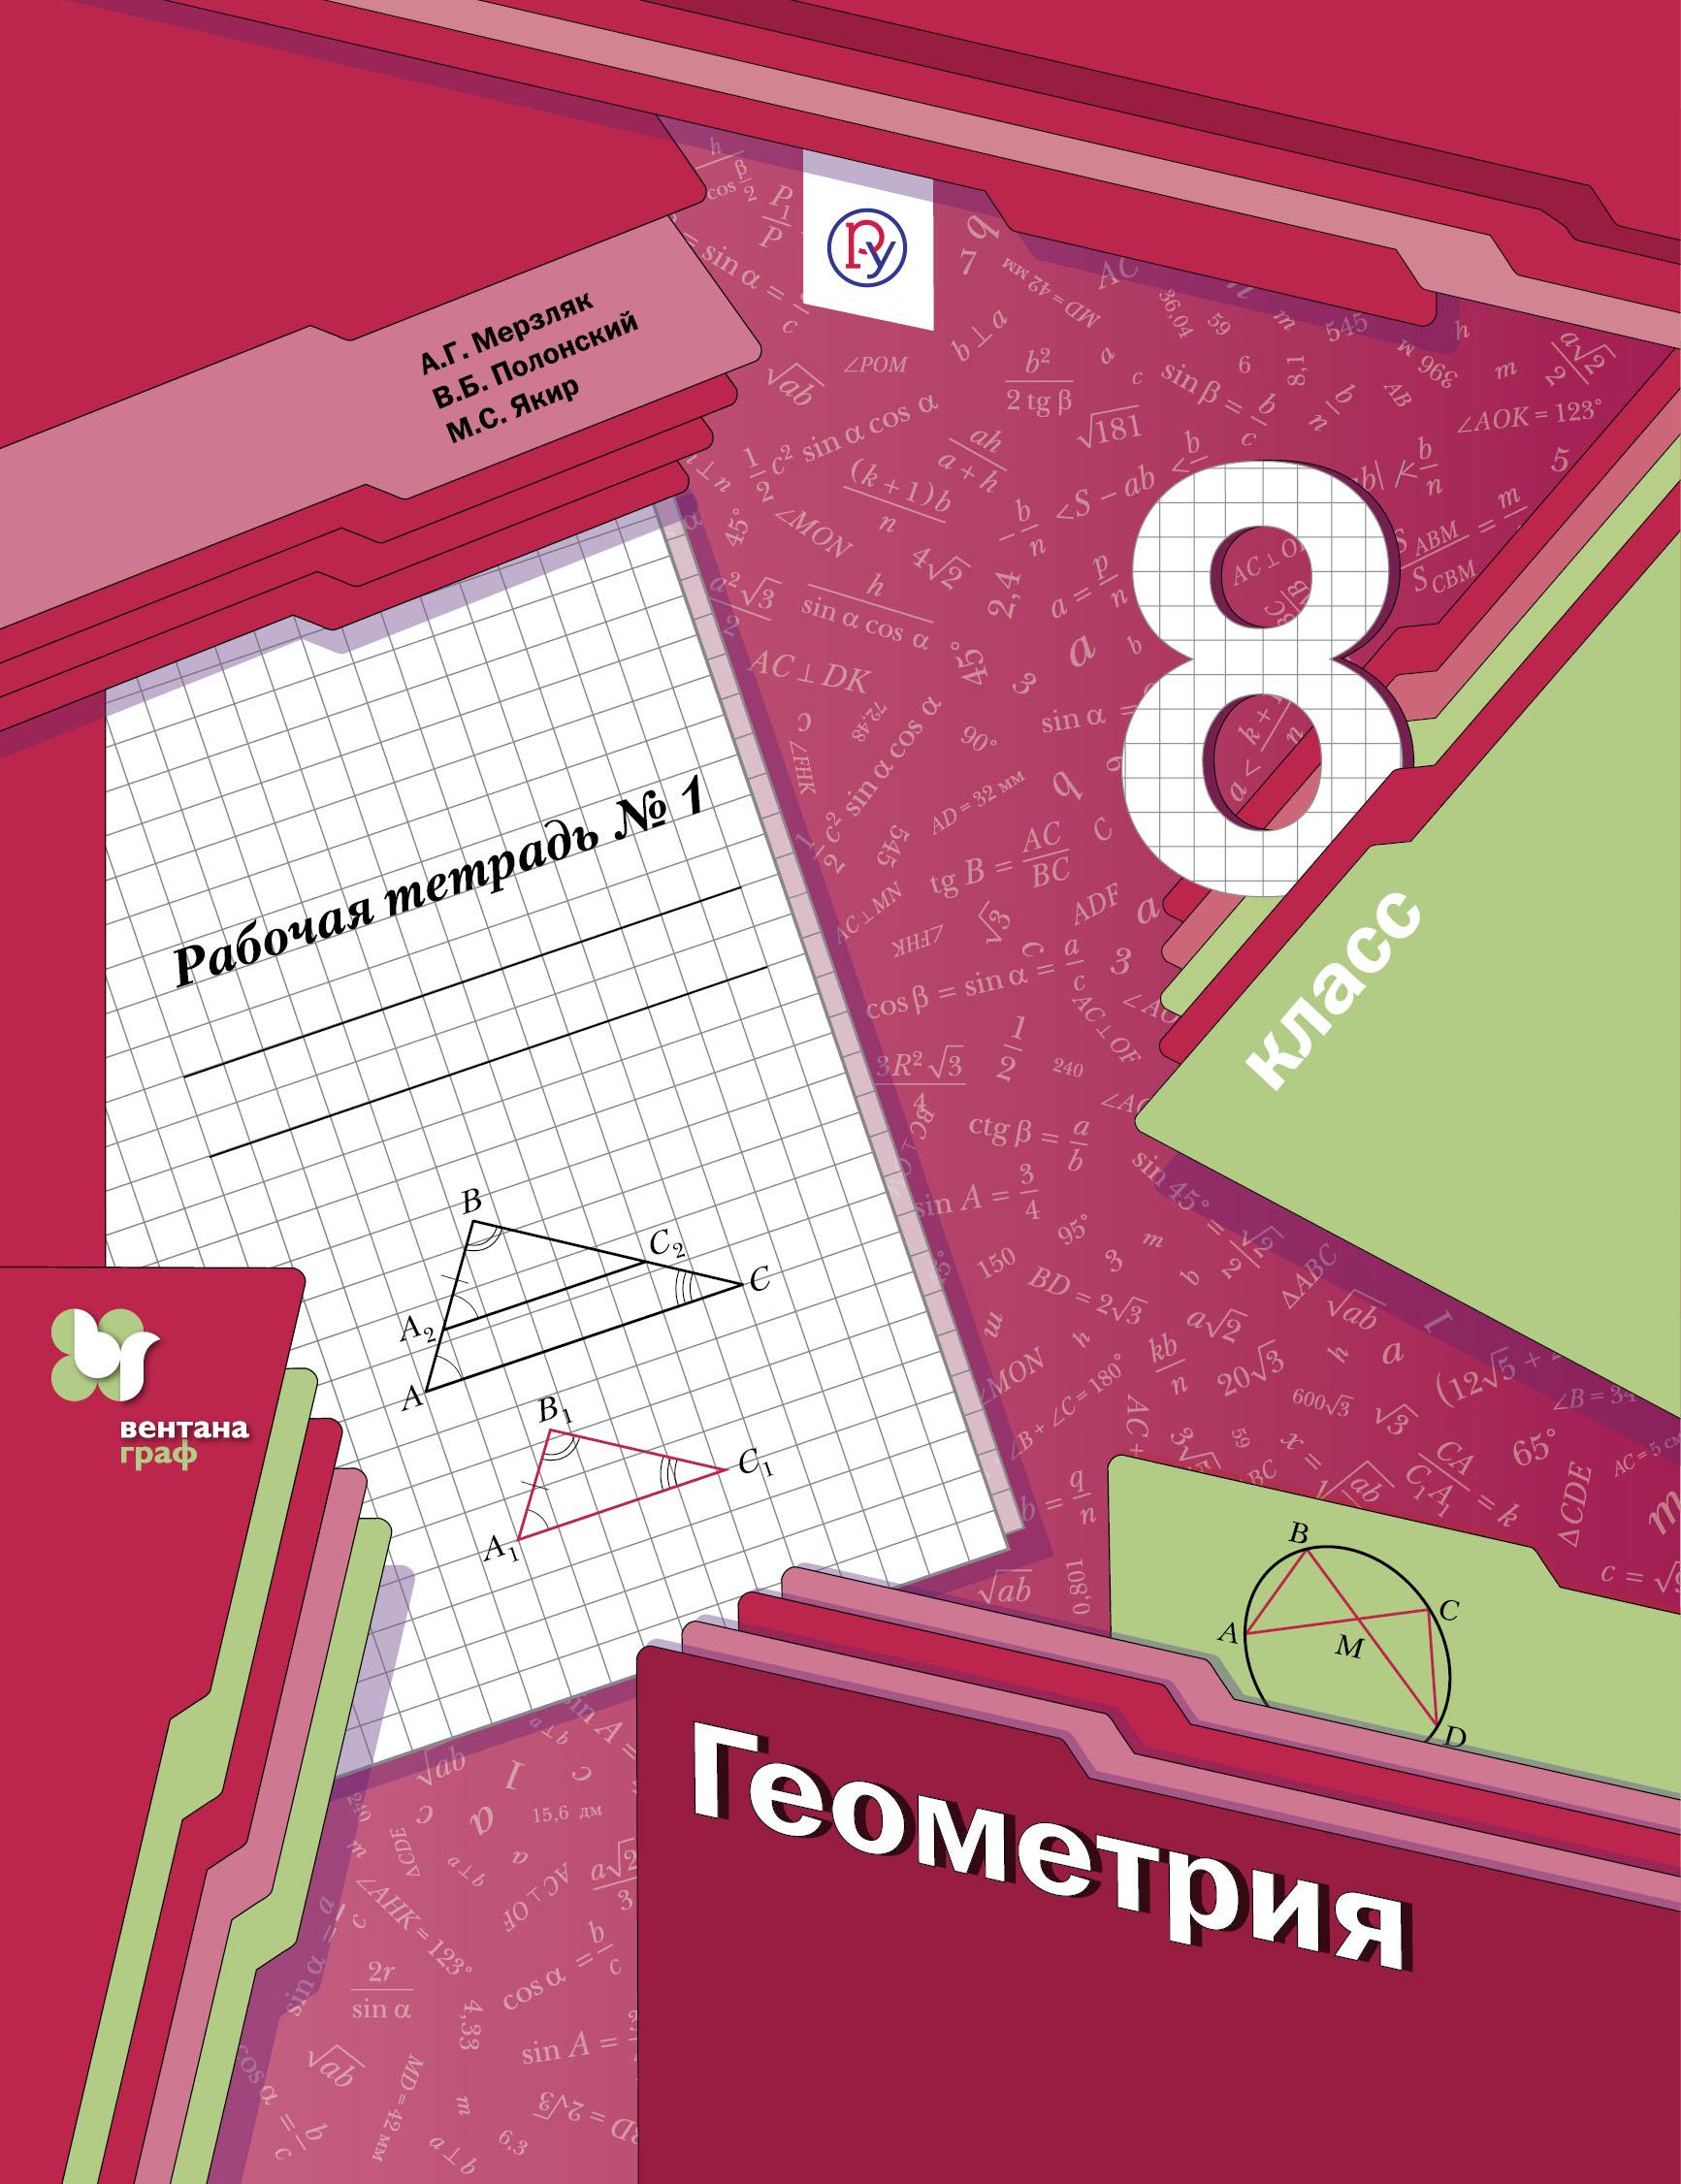 Геометрия. 8класс. Рабочая тетрадь №1